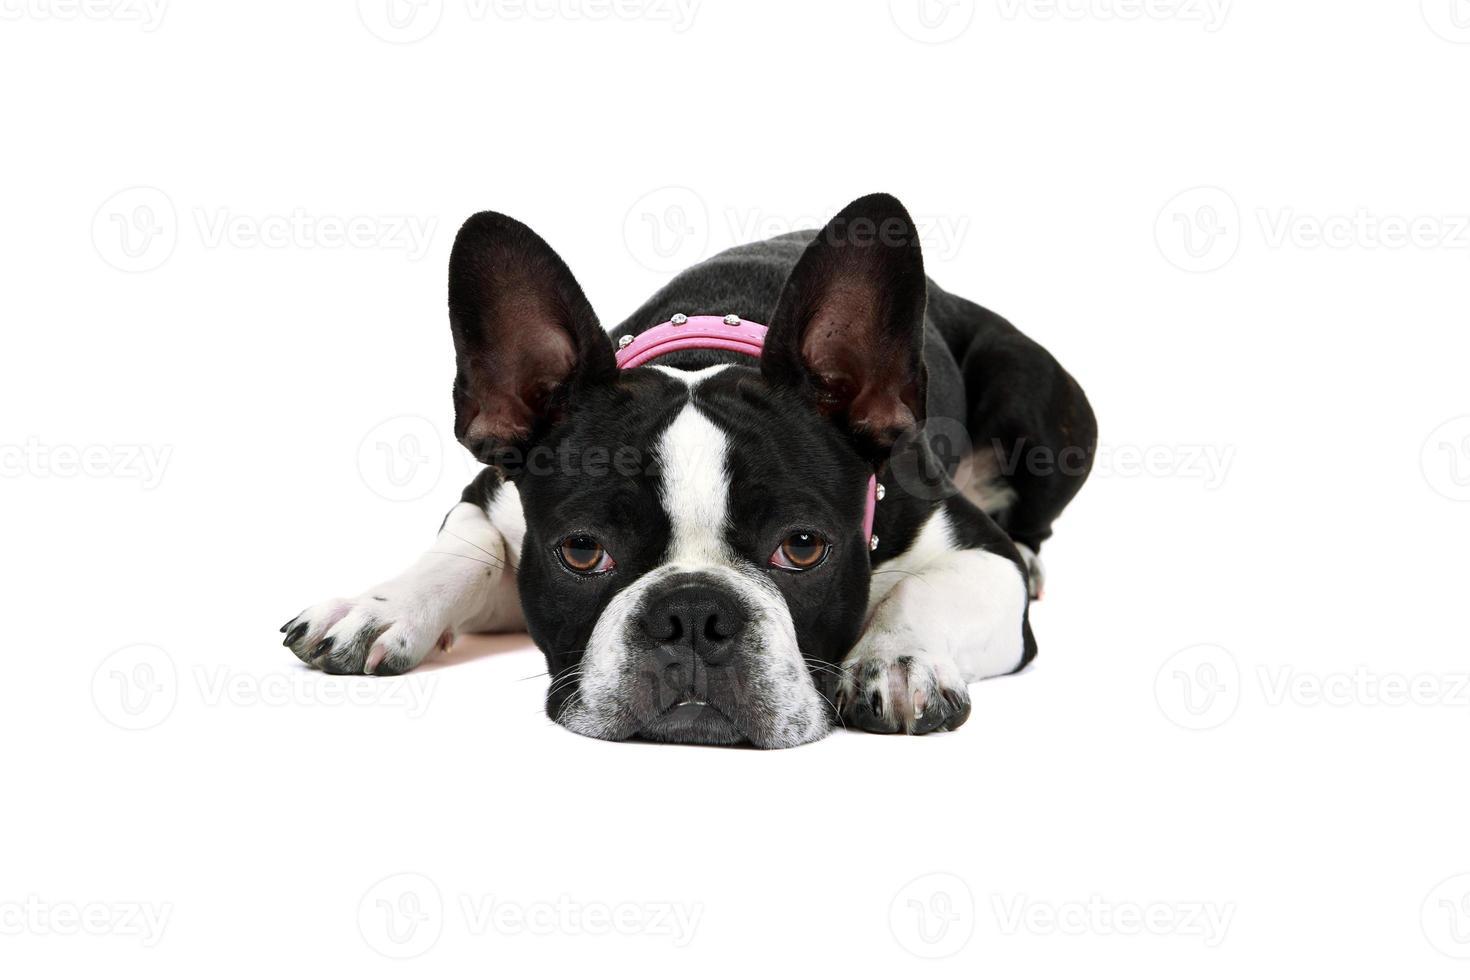 cachorro cansado foto